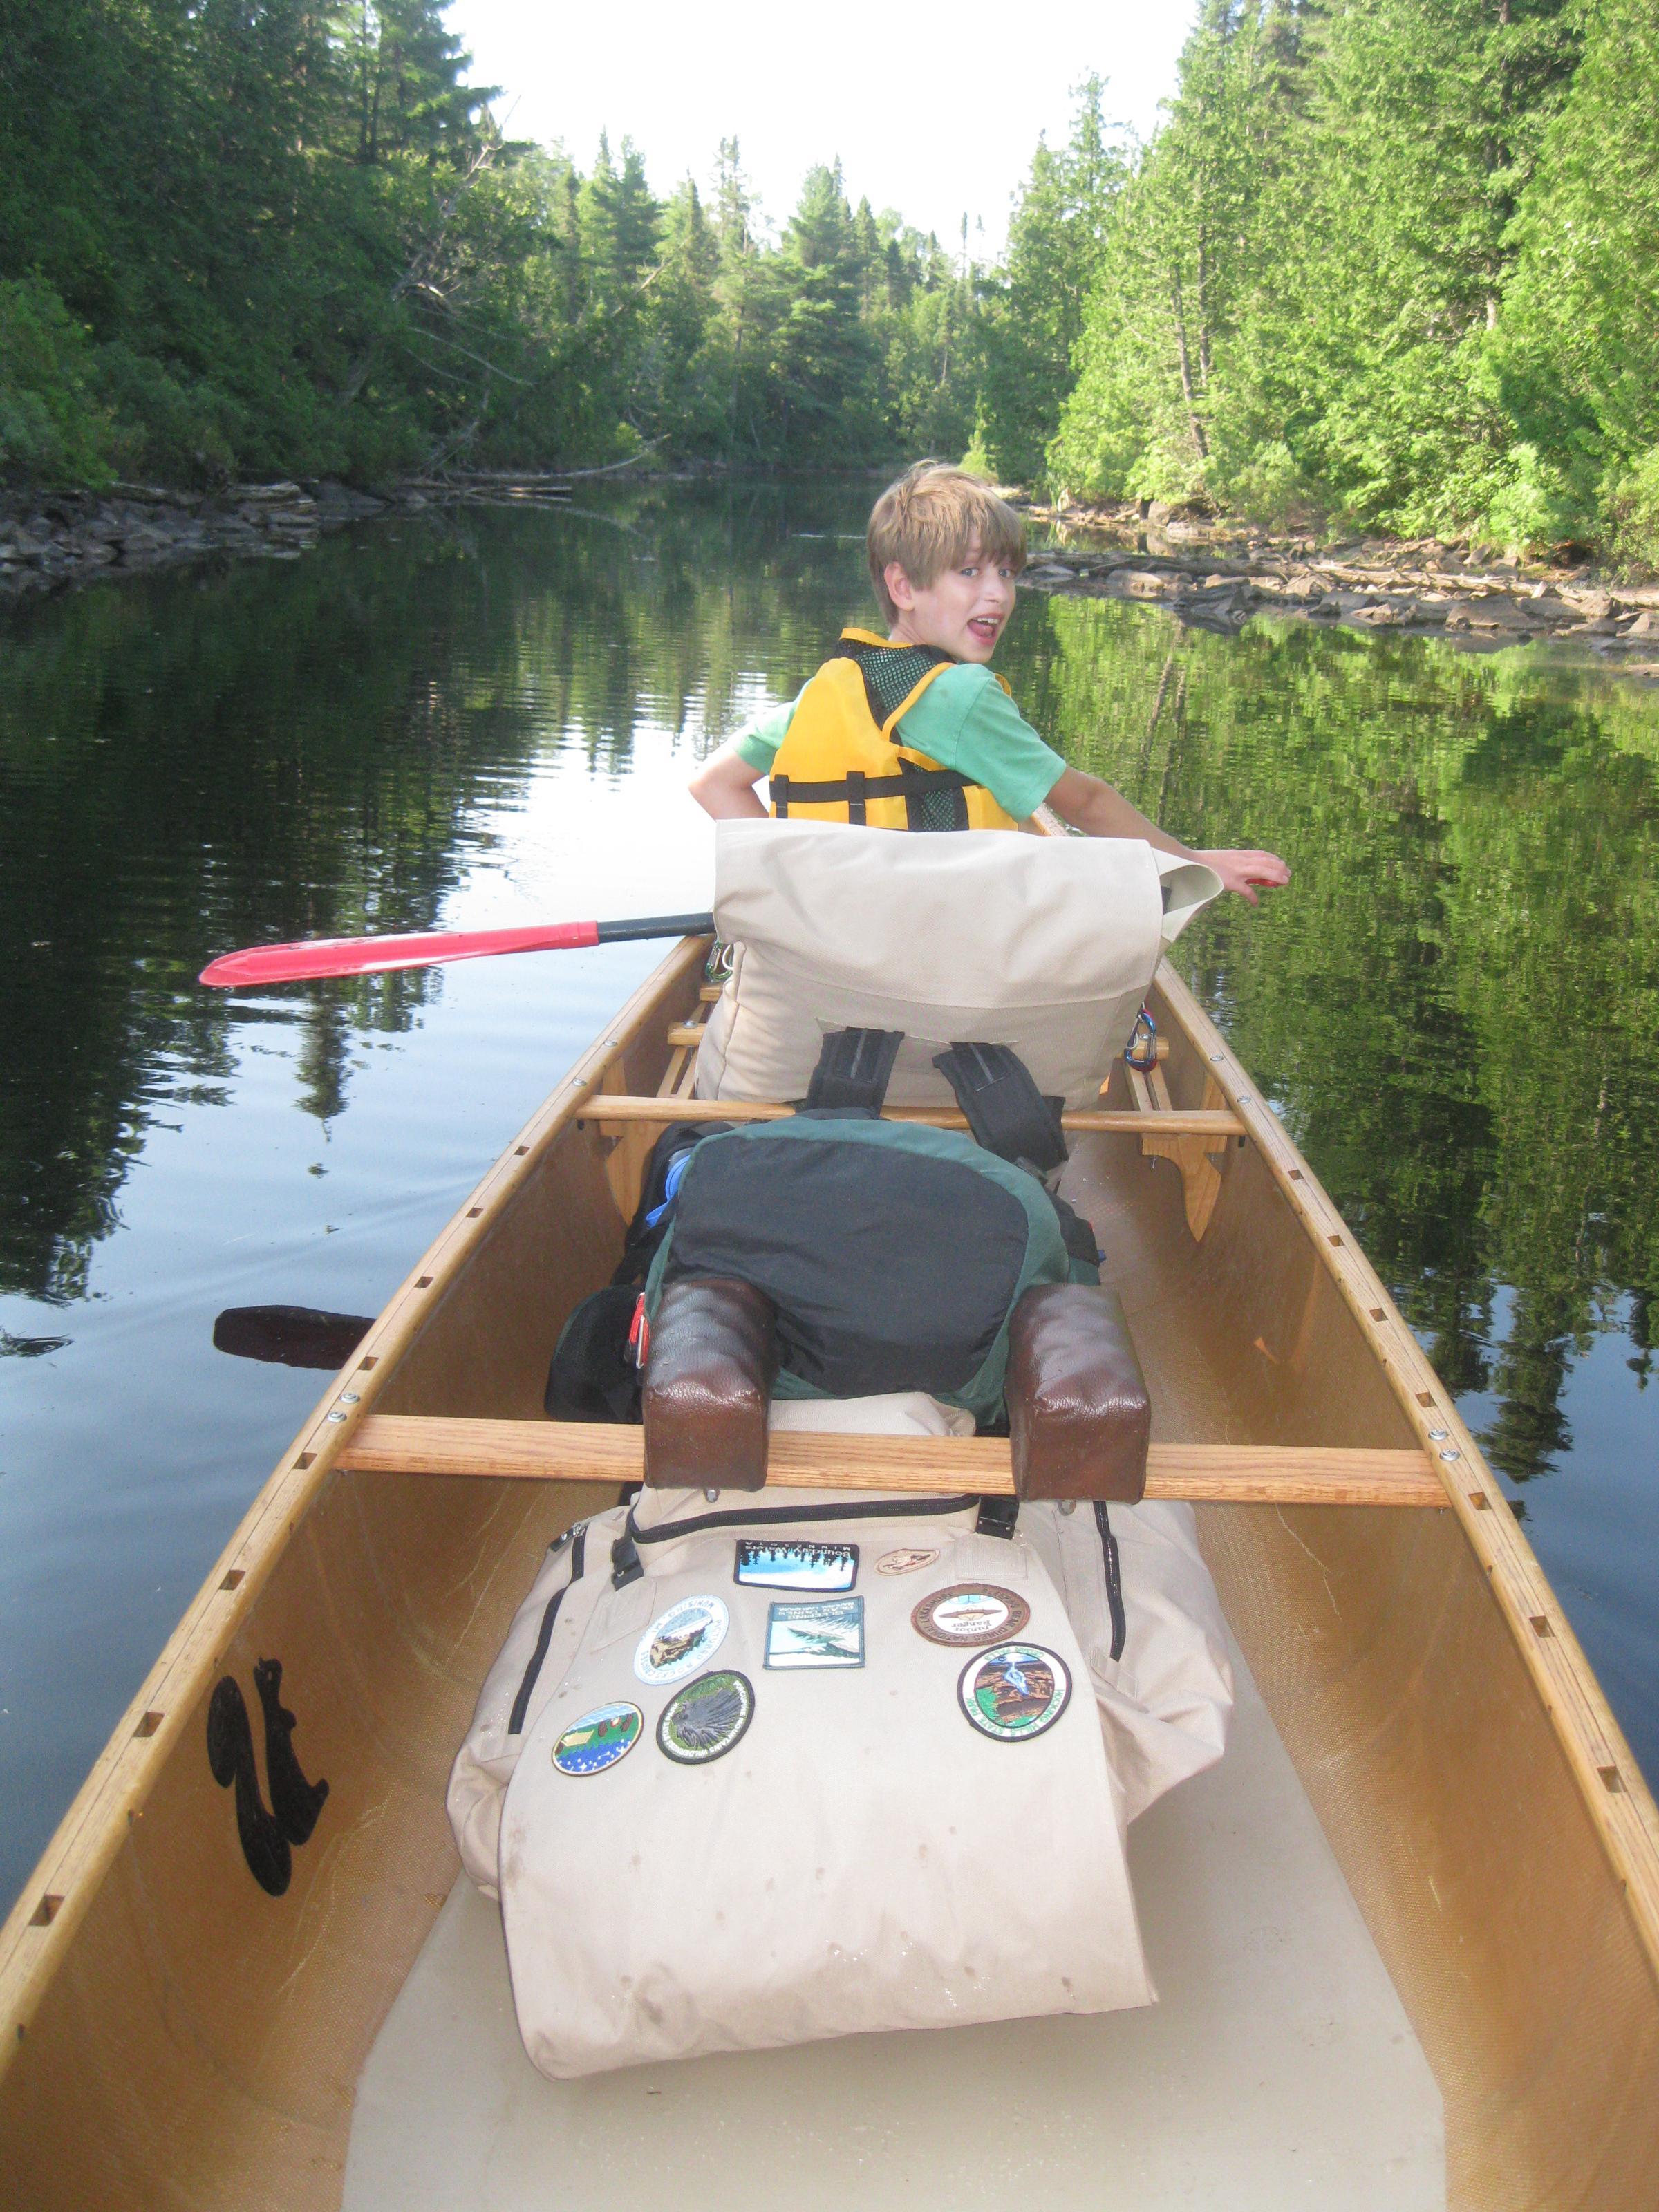 07 Packs in Canoe